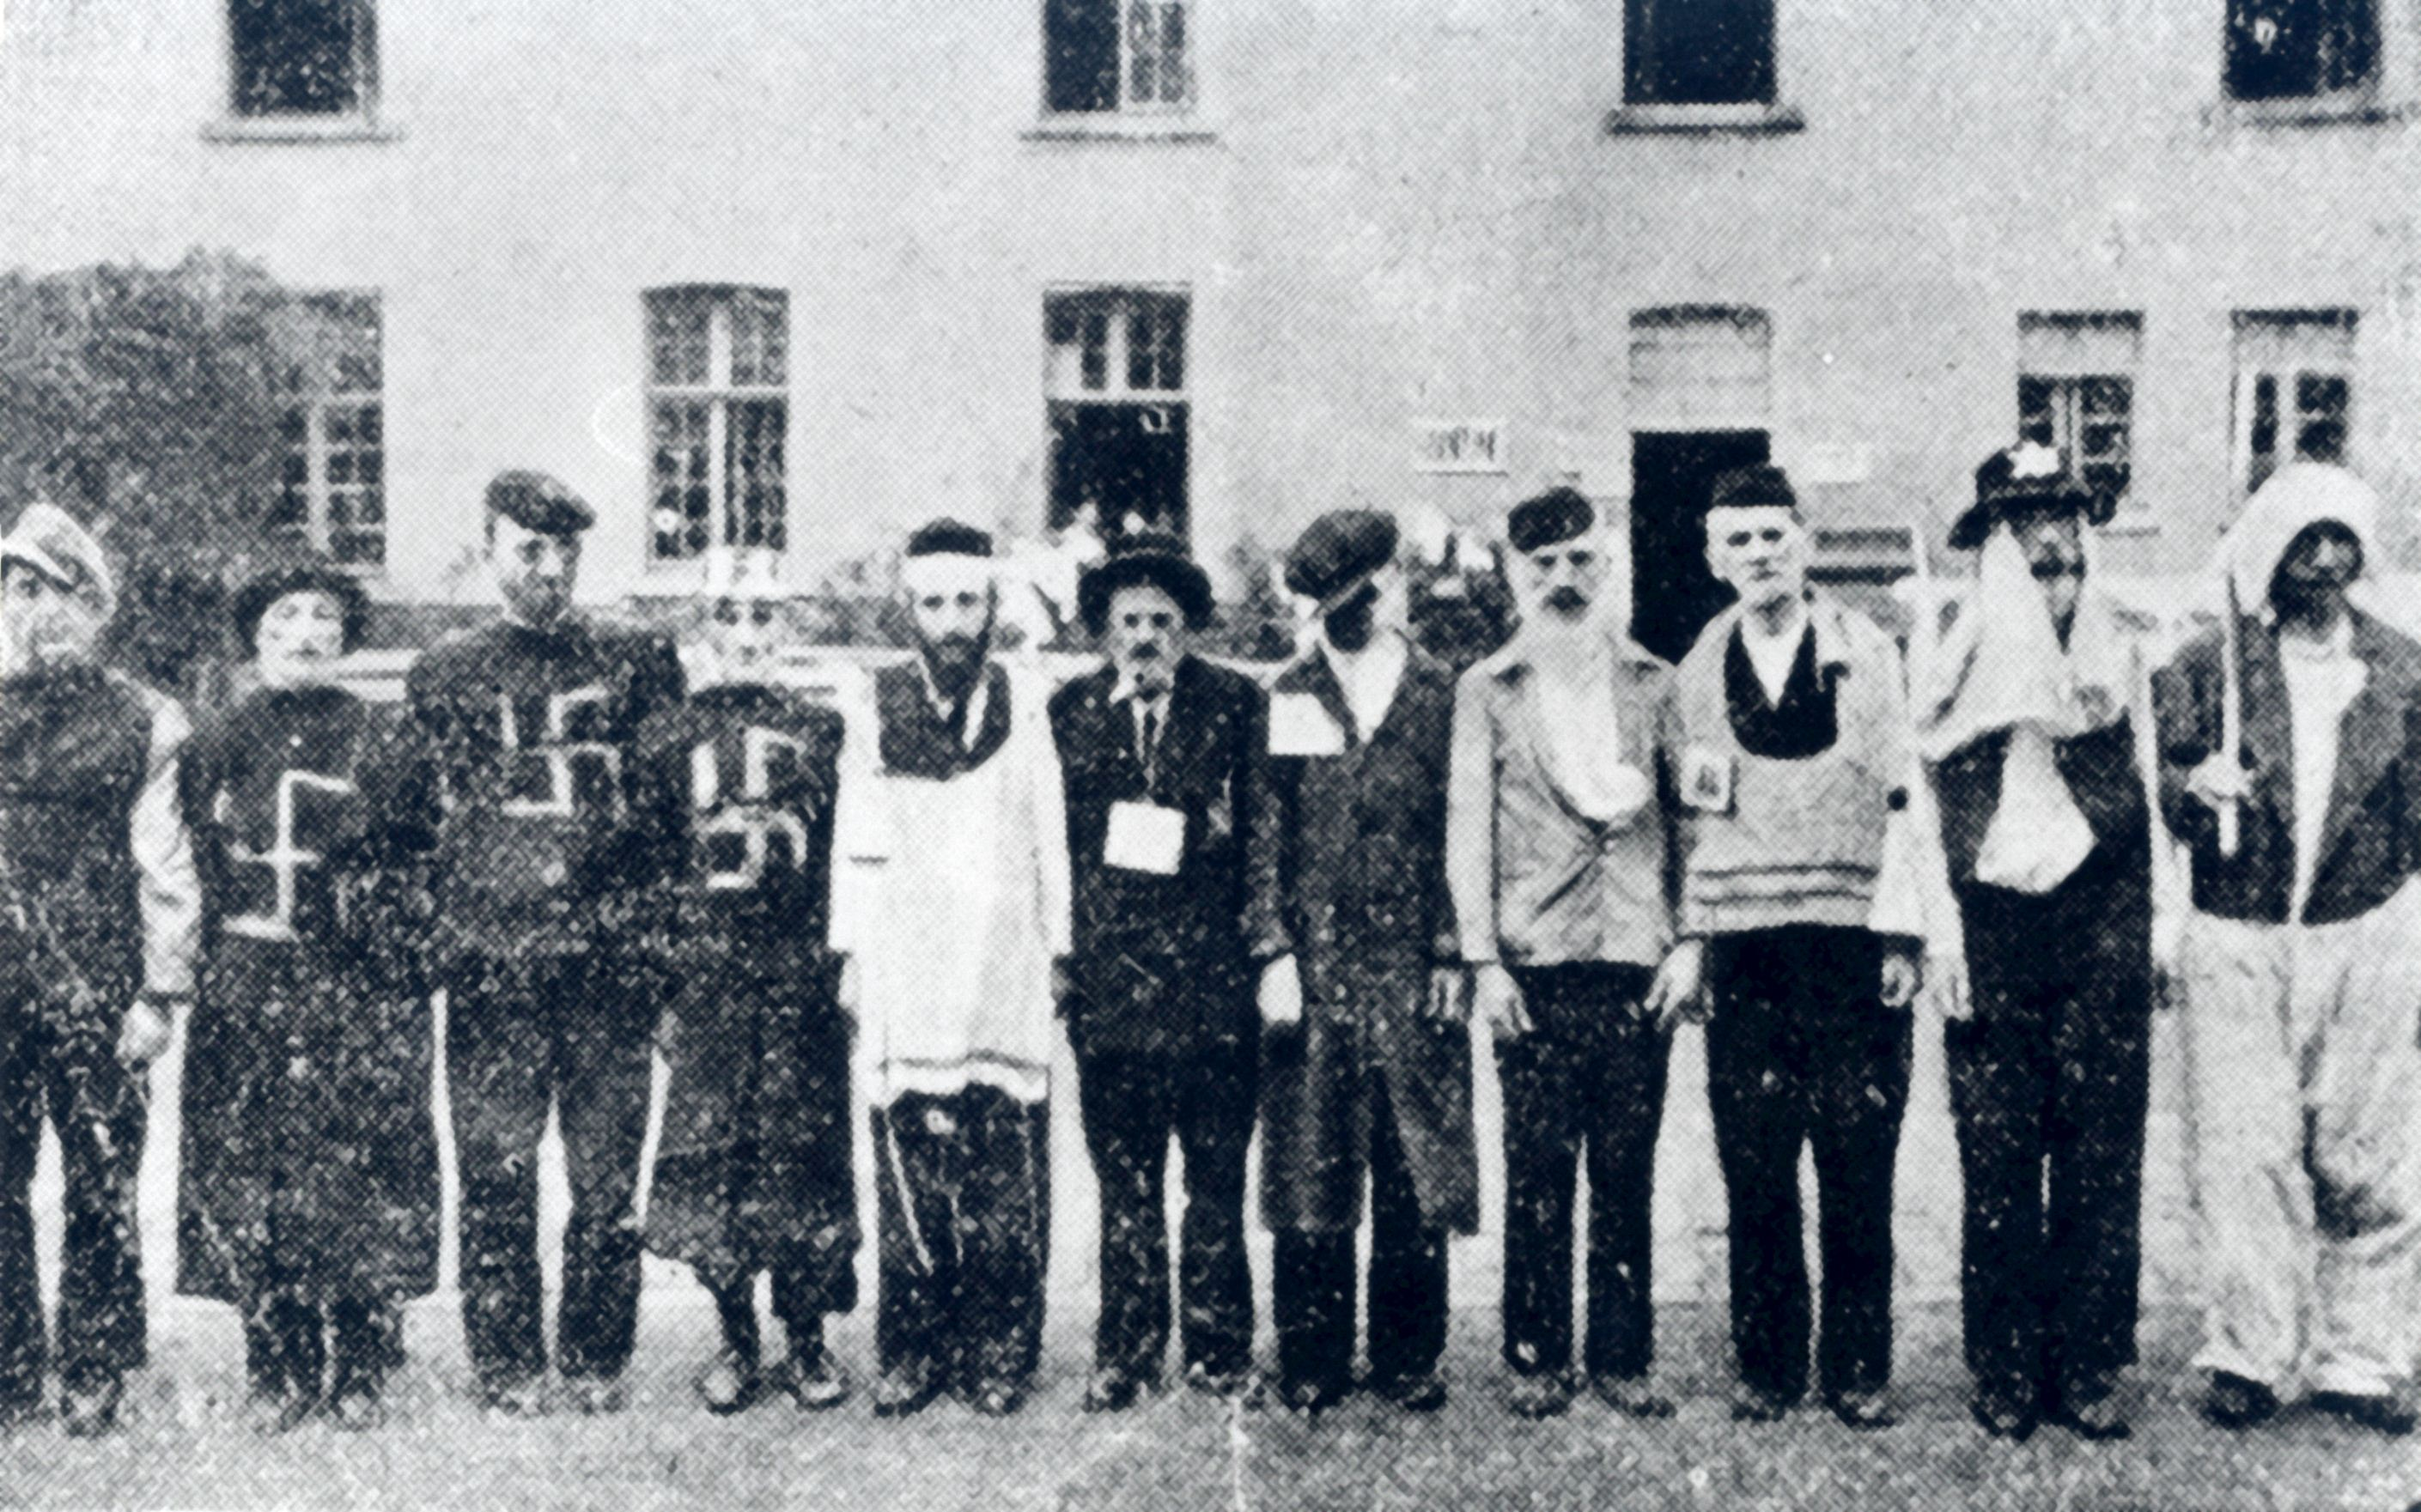 Gedeporteerd vanuit de Dossinkazerne op 8 september 1942 met transport 8